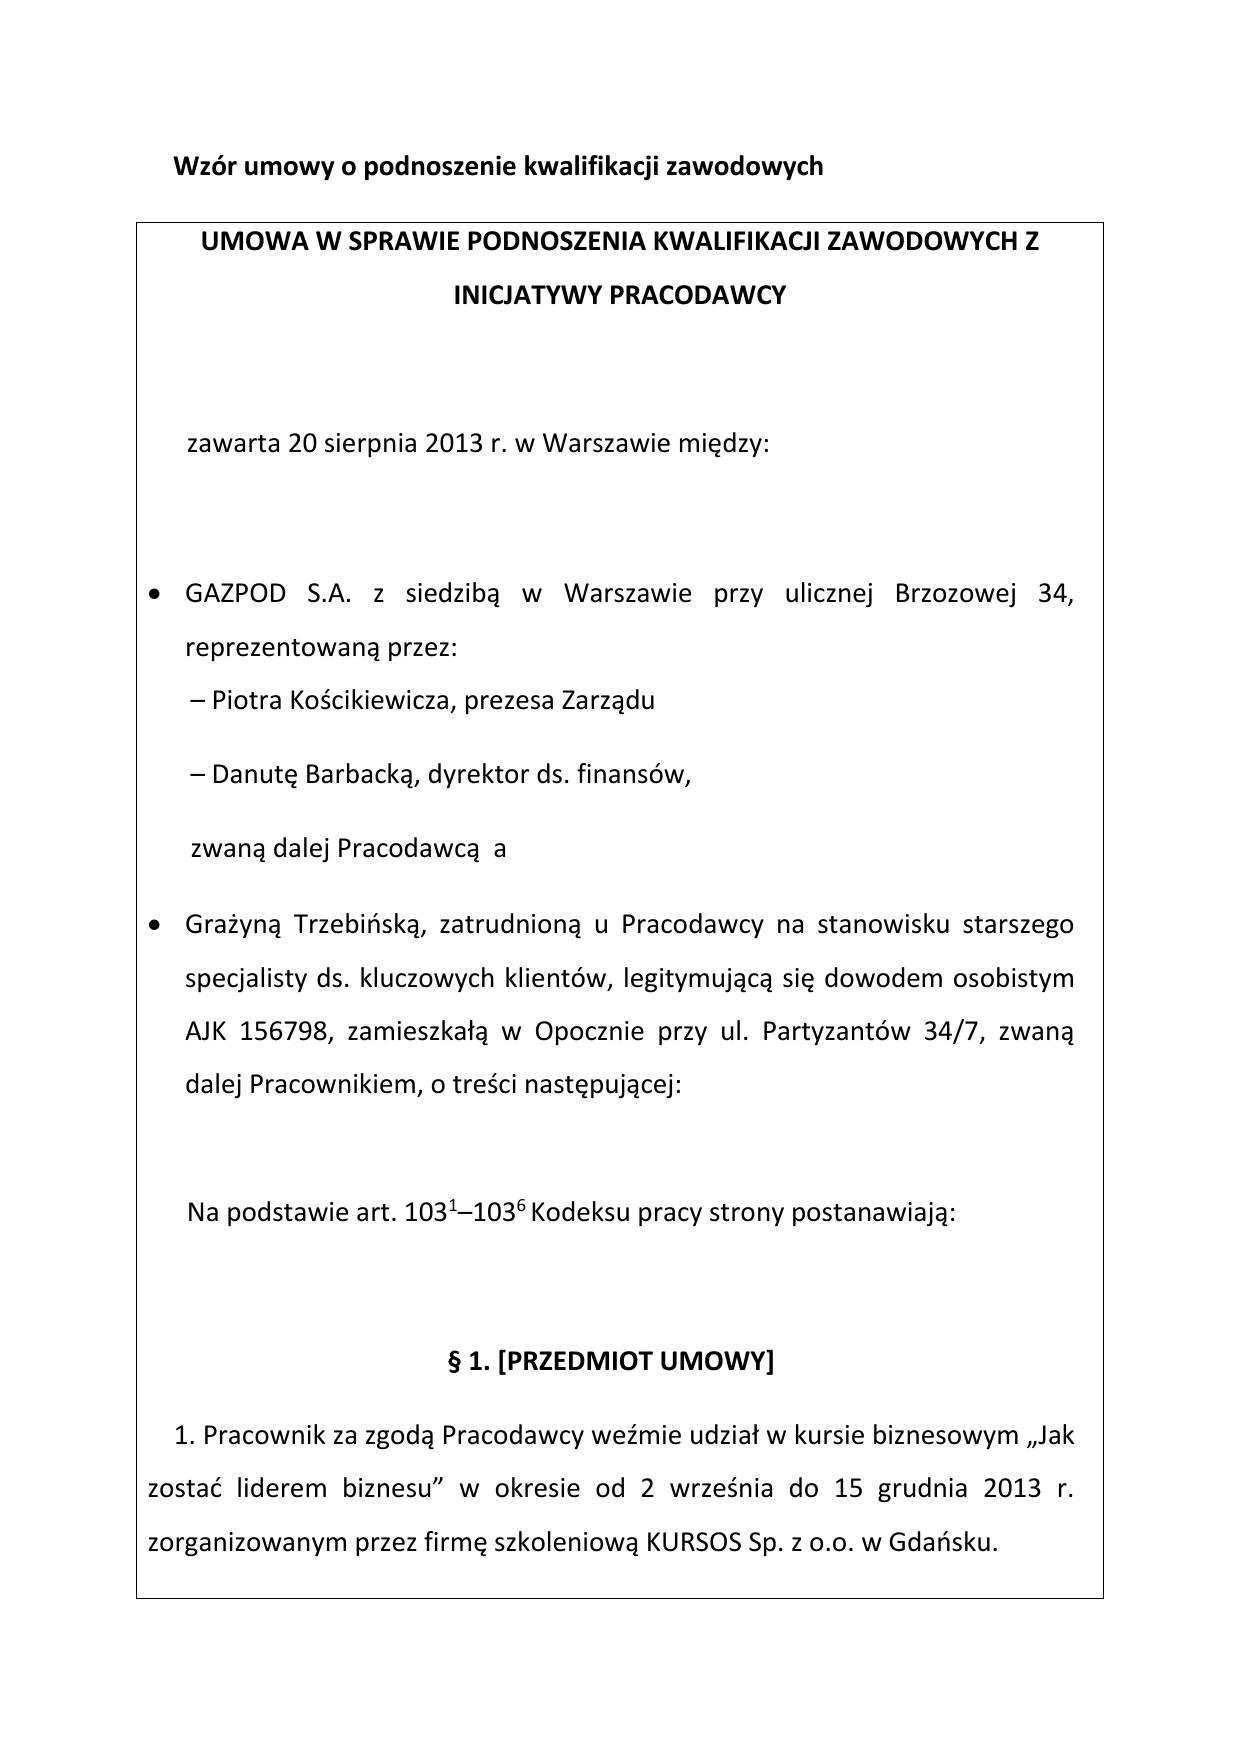 Wzór Umowy O Podnoszenie Kwalifikacji Zawodowych Umowa W